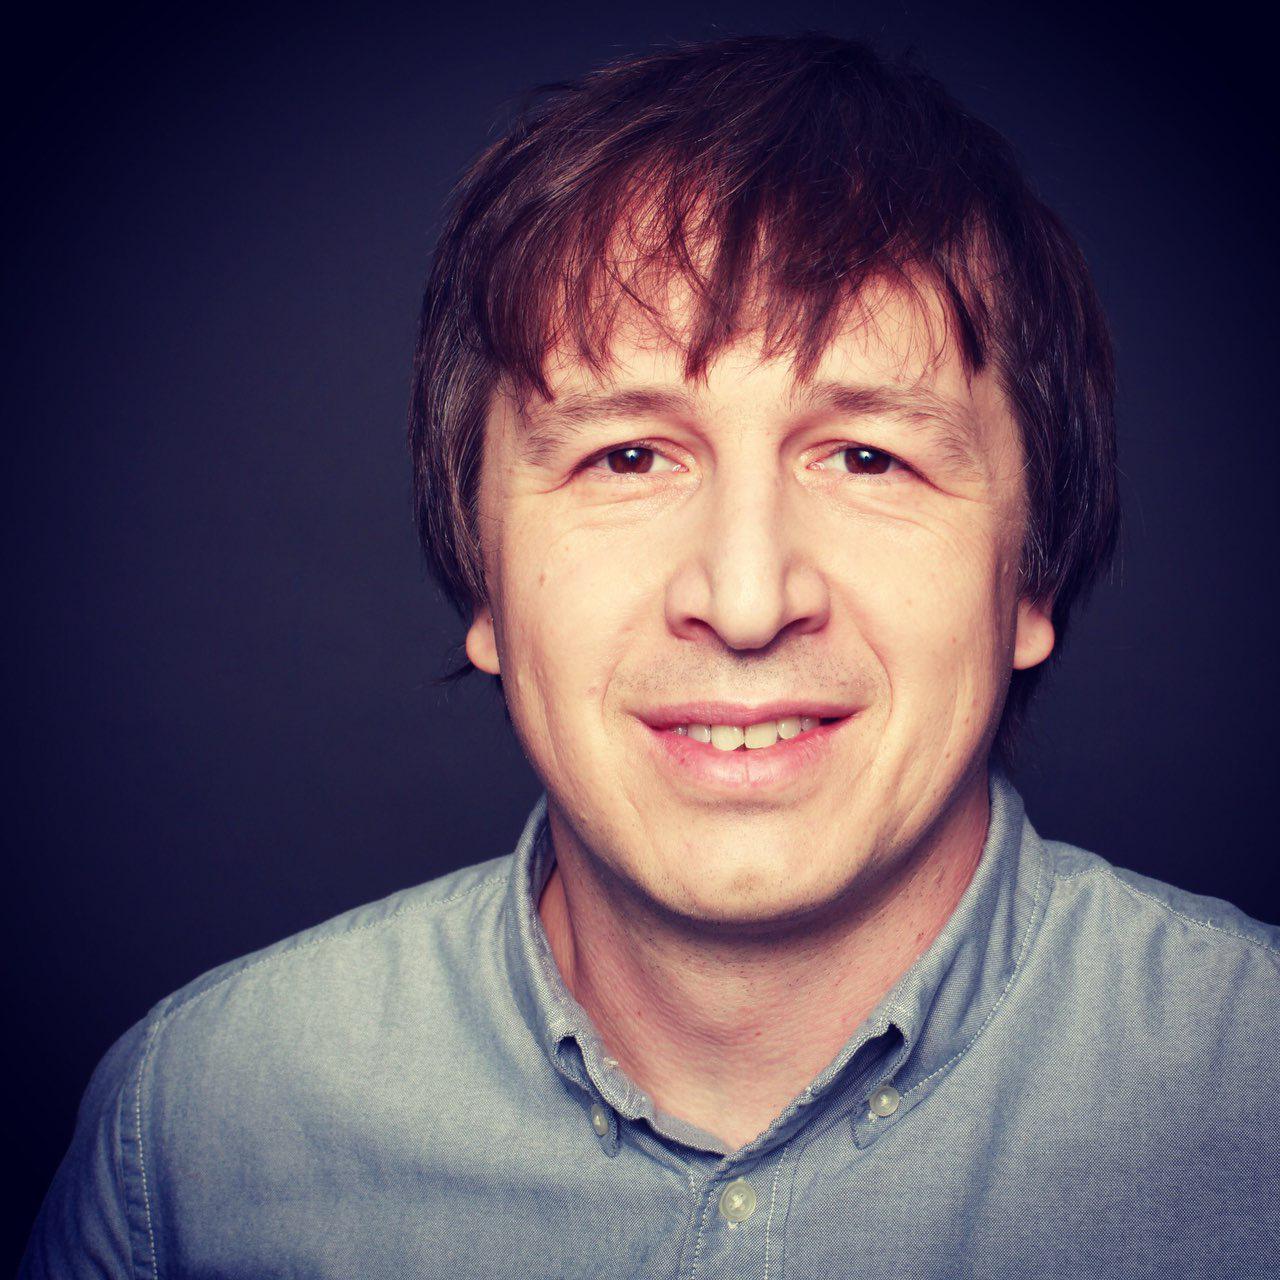 Михаил Балакин, CityAds: «Мы всегда были в большей степени технологической компанией, нежели чисто рекламной»